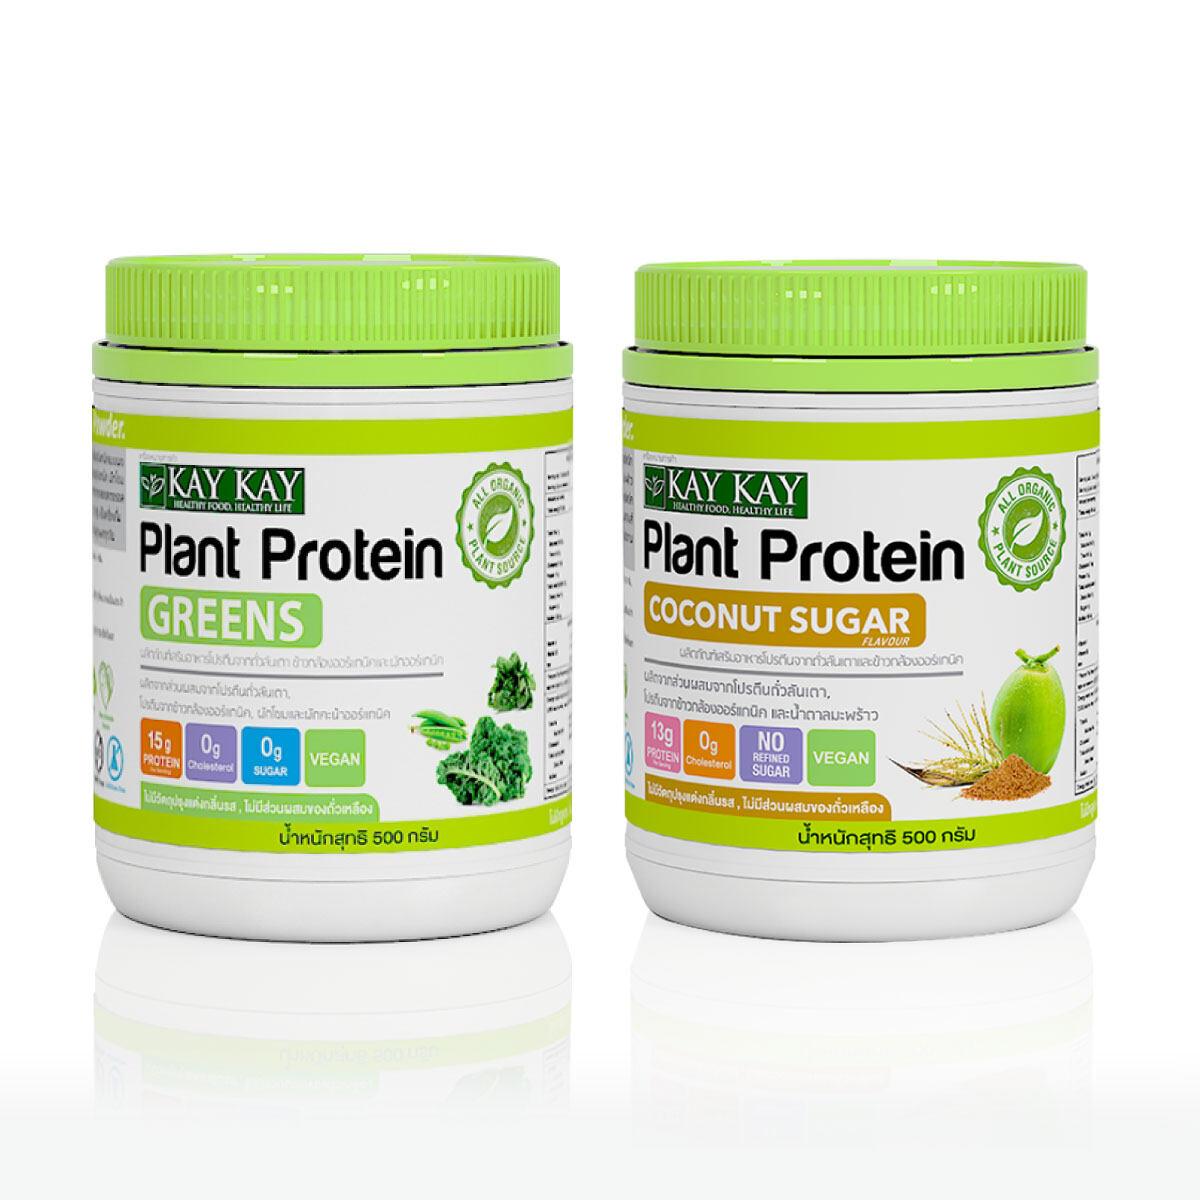 [แพ็คคู่] โปรตีนจากพืช Kay Kay Organic Plant Protein สูตร Greens + Coconut Sugar.